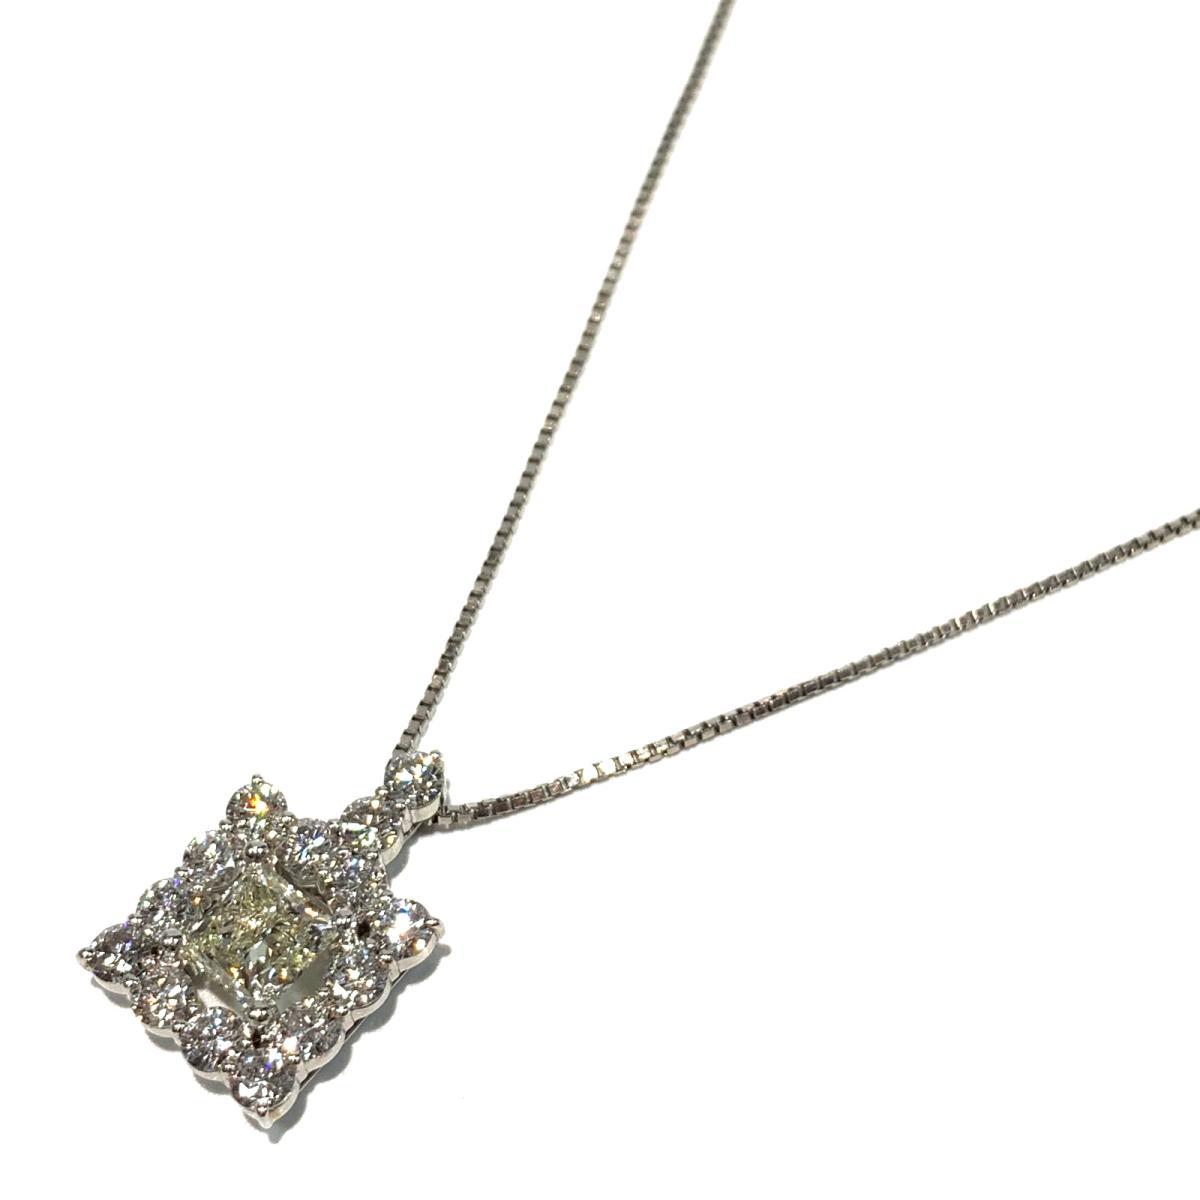 ジュエリー ダイヤモンド ネックレス ノーブランドジュエリー レディース PT900 プラチナ x PT850 ダイヤモンド1.016 | JEWELRY BRANDOFF ブランドオフ ブランド アクセサリー ペンダント